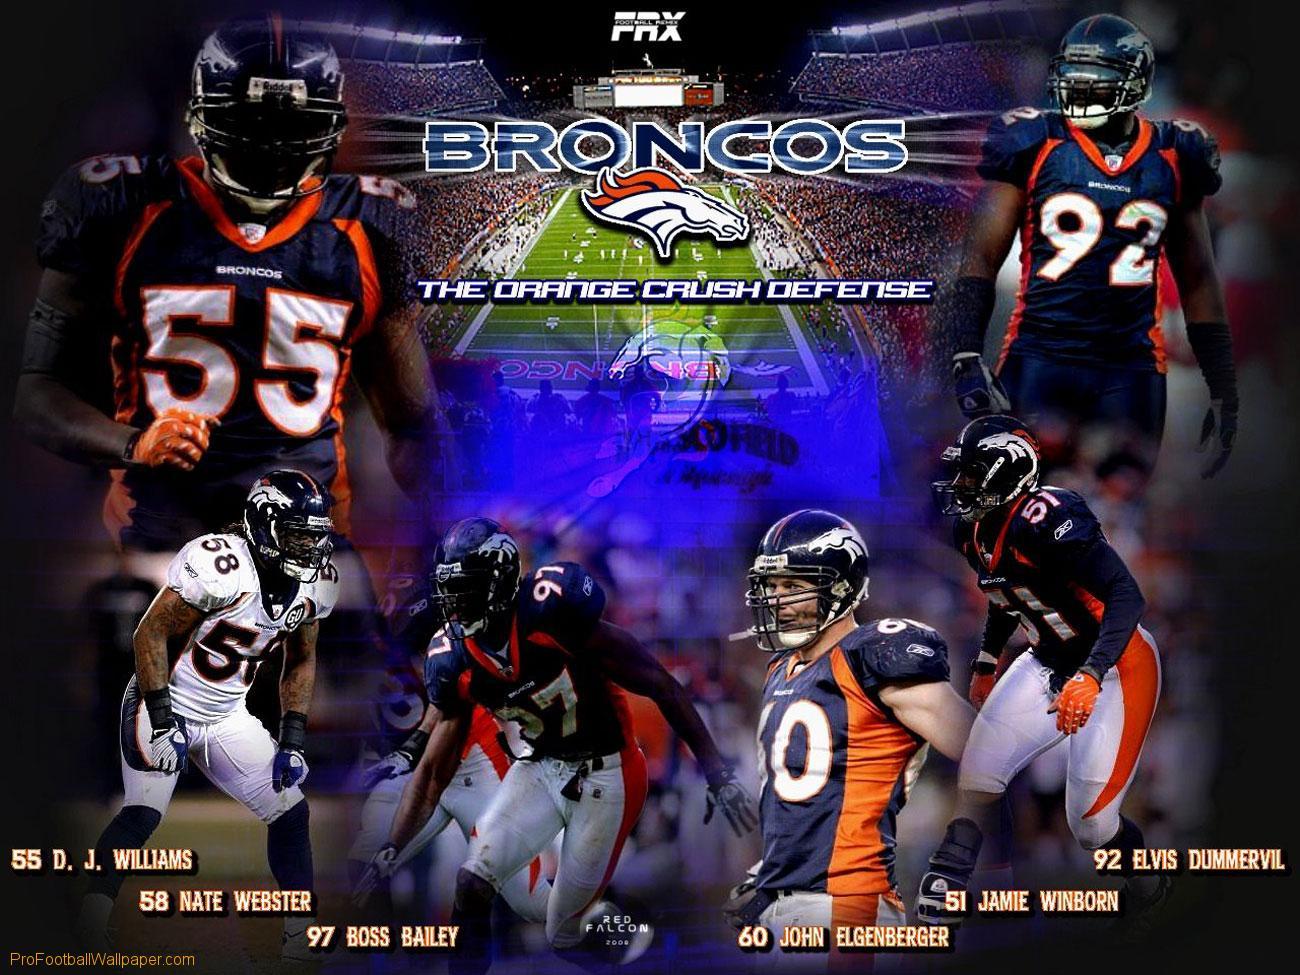 profootballwallpapercomwallpaperBroncos Orange Crush Defense 1300x975